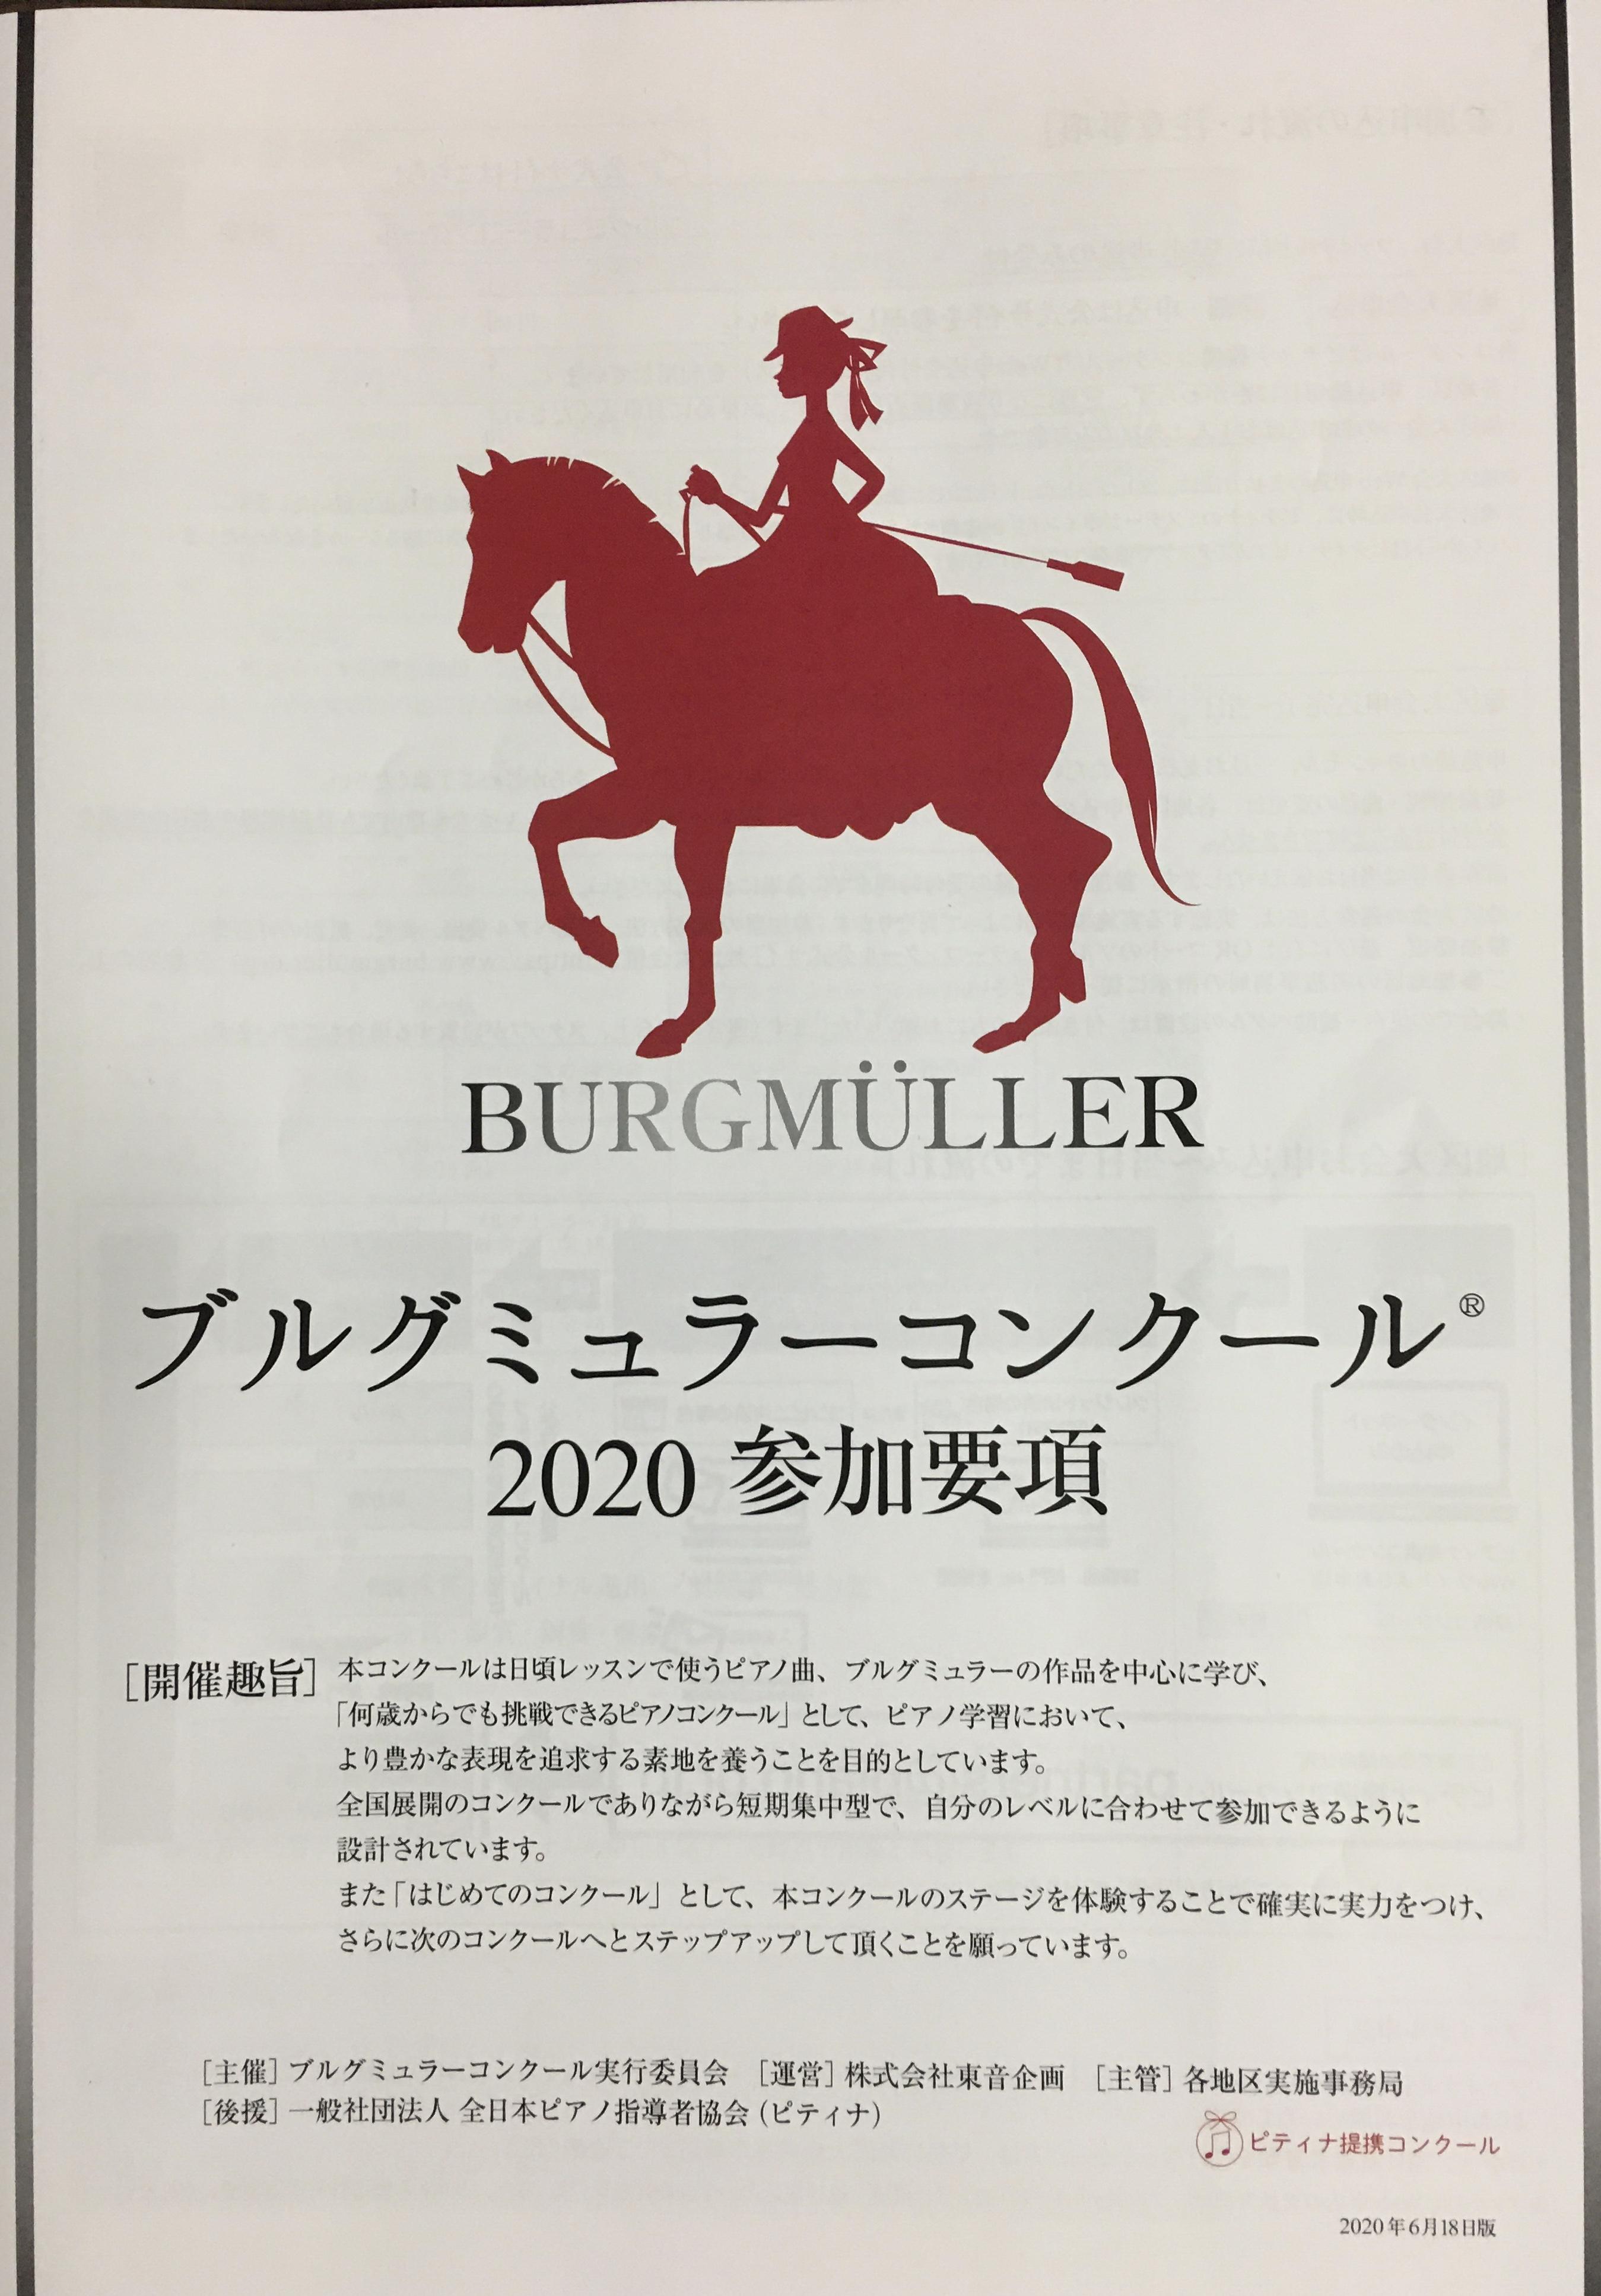 2020 ブルグミュラー コンクール